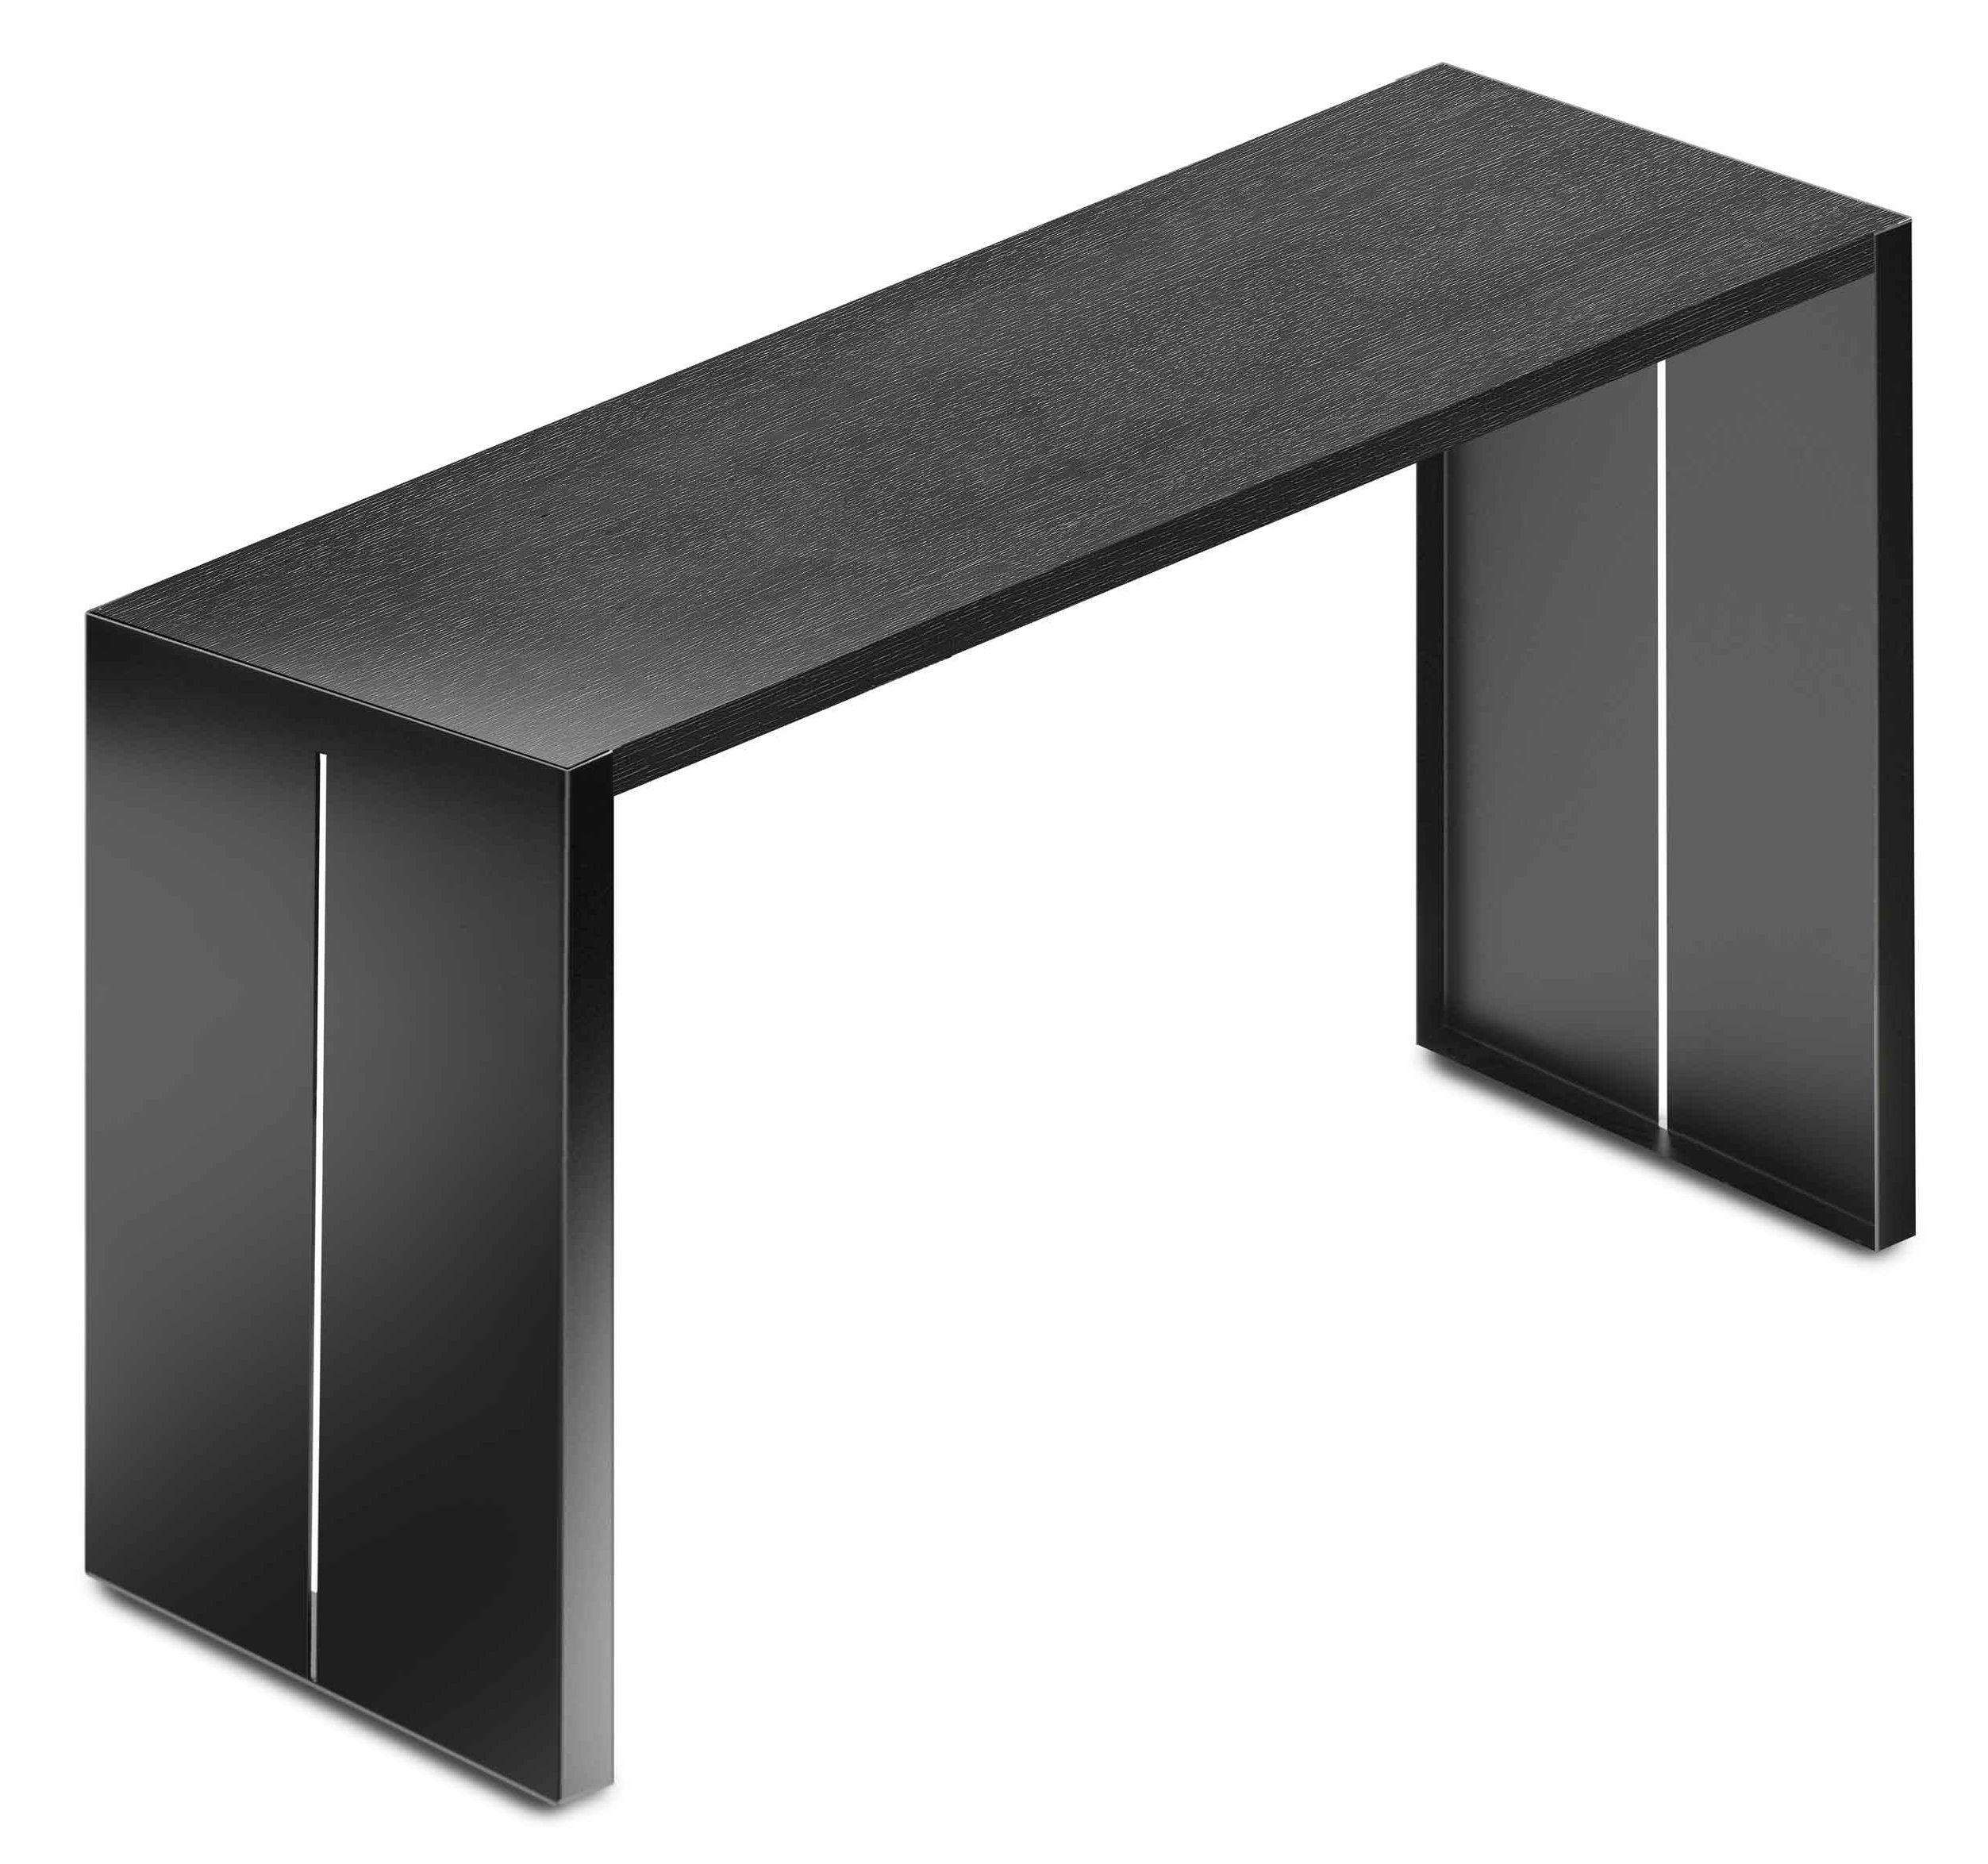 Möbel - Stehtische und Bars - Panco hoher Tisch H 110 cm - Lapalma - Schwarz - L 240 cm - epoxy-beschichtetes Metall, lackierte Eiche